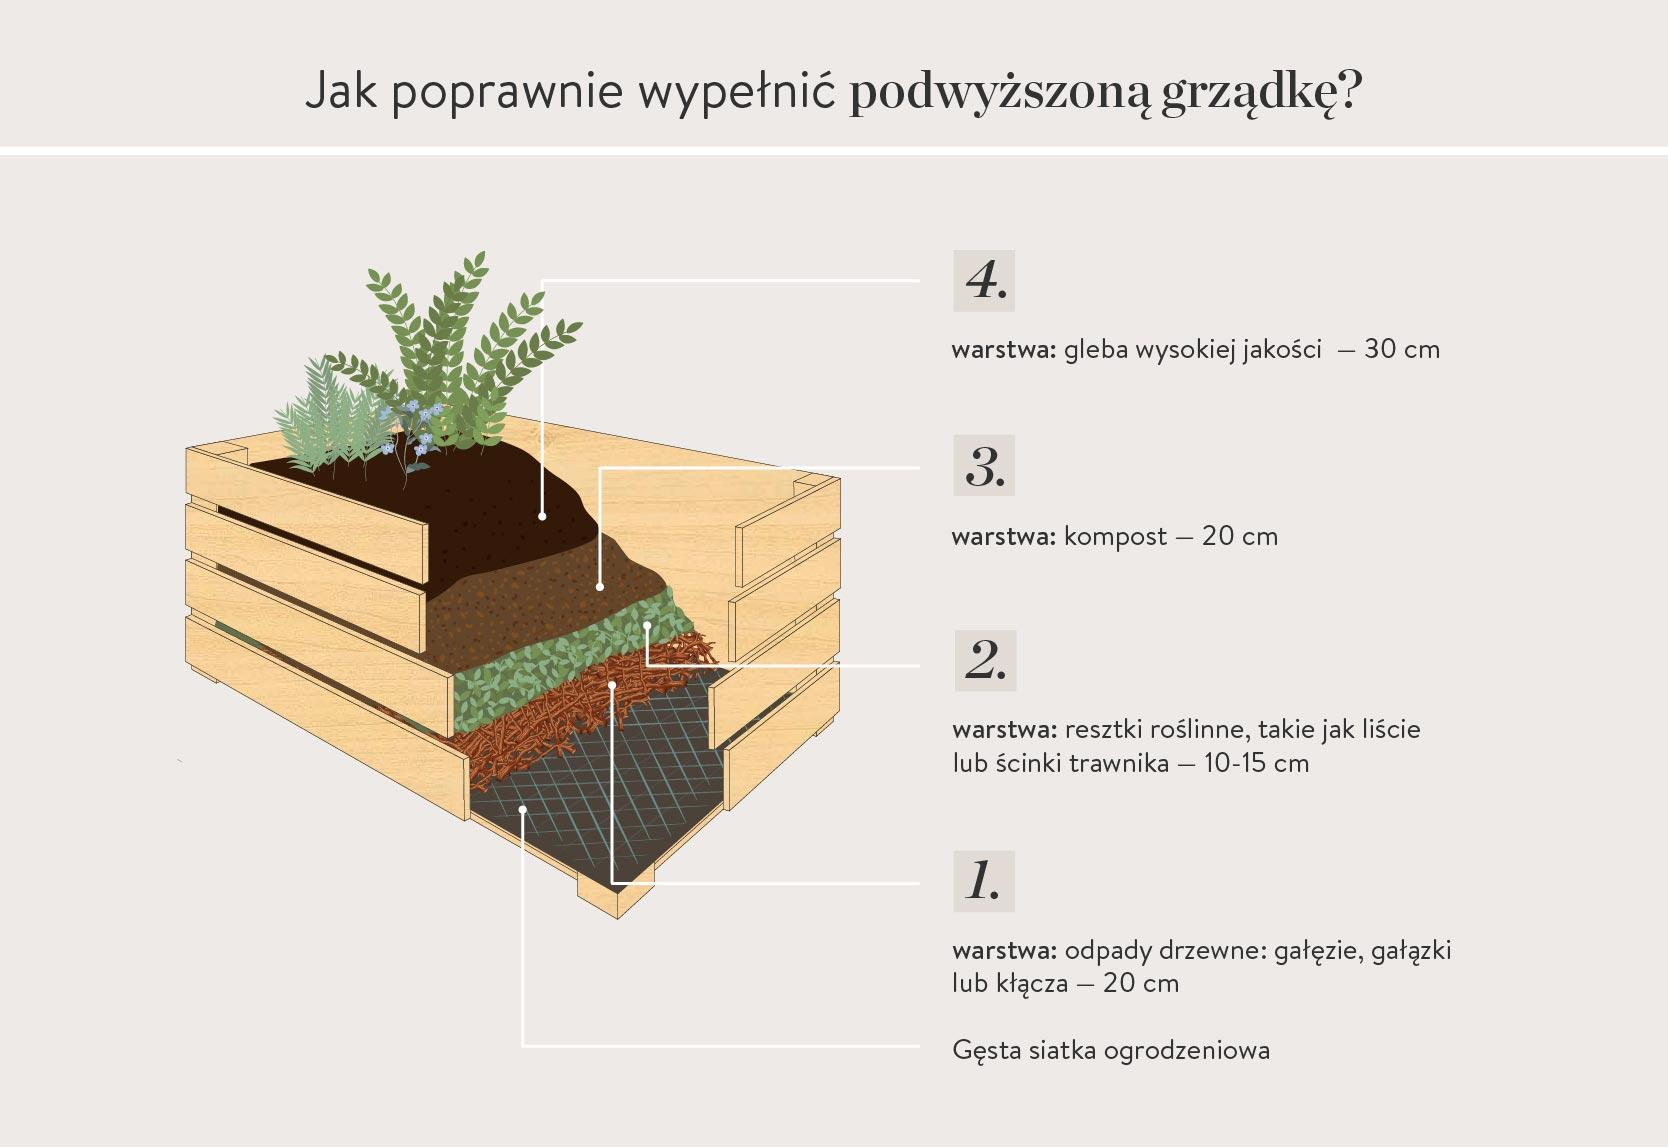 instrukcje wypałnienia podwyższonej grządki w ogrodzie warzywnym